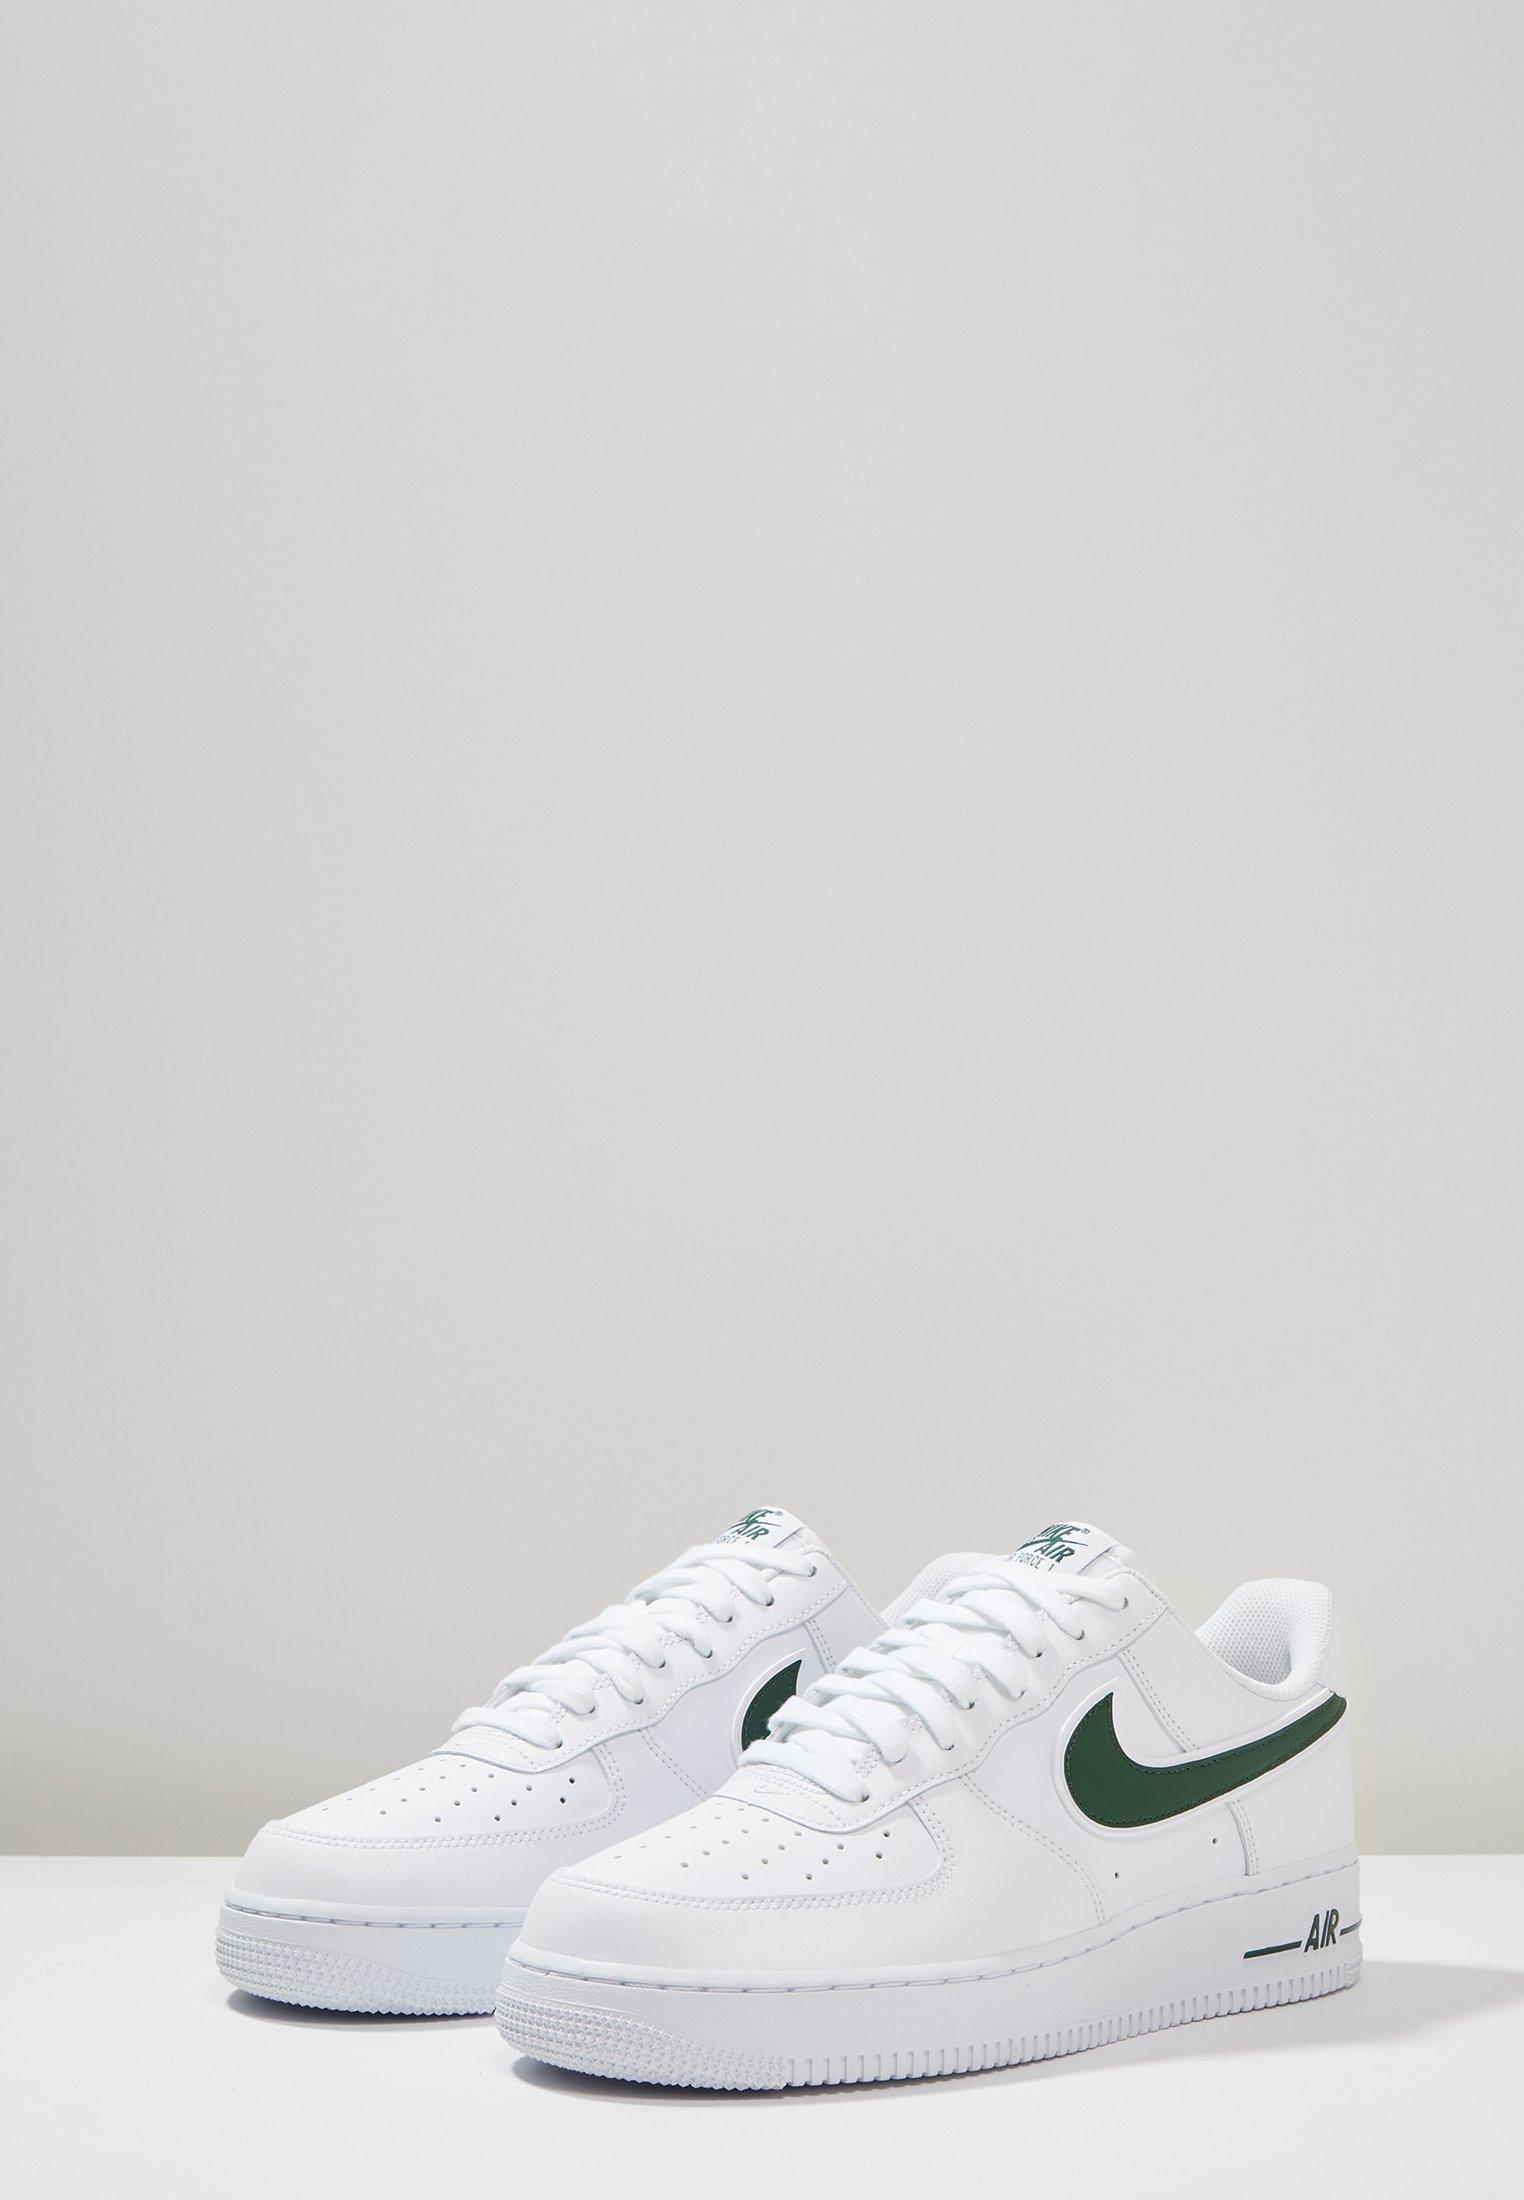 AIR FORCE 1 '07 Sneakers whitecosmic bonsai